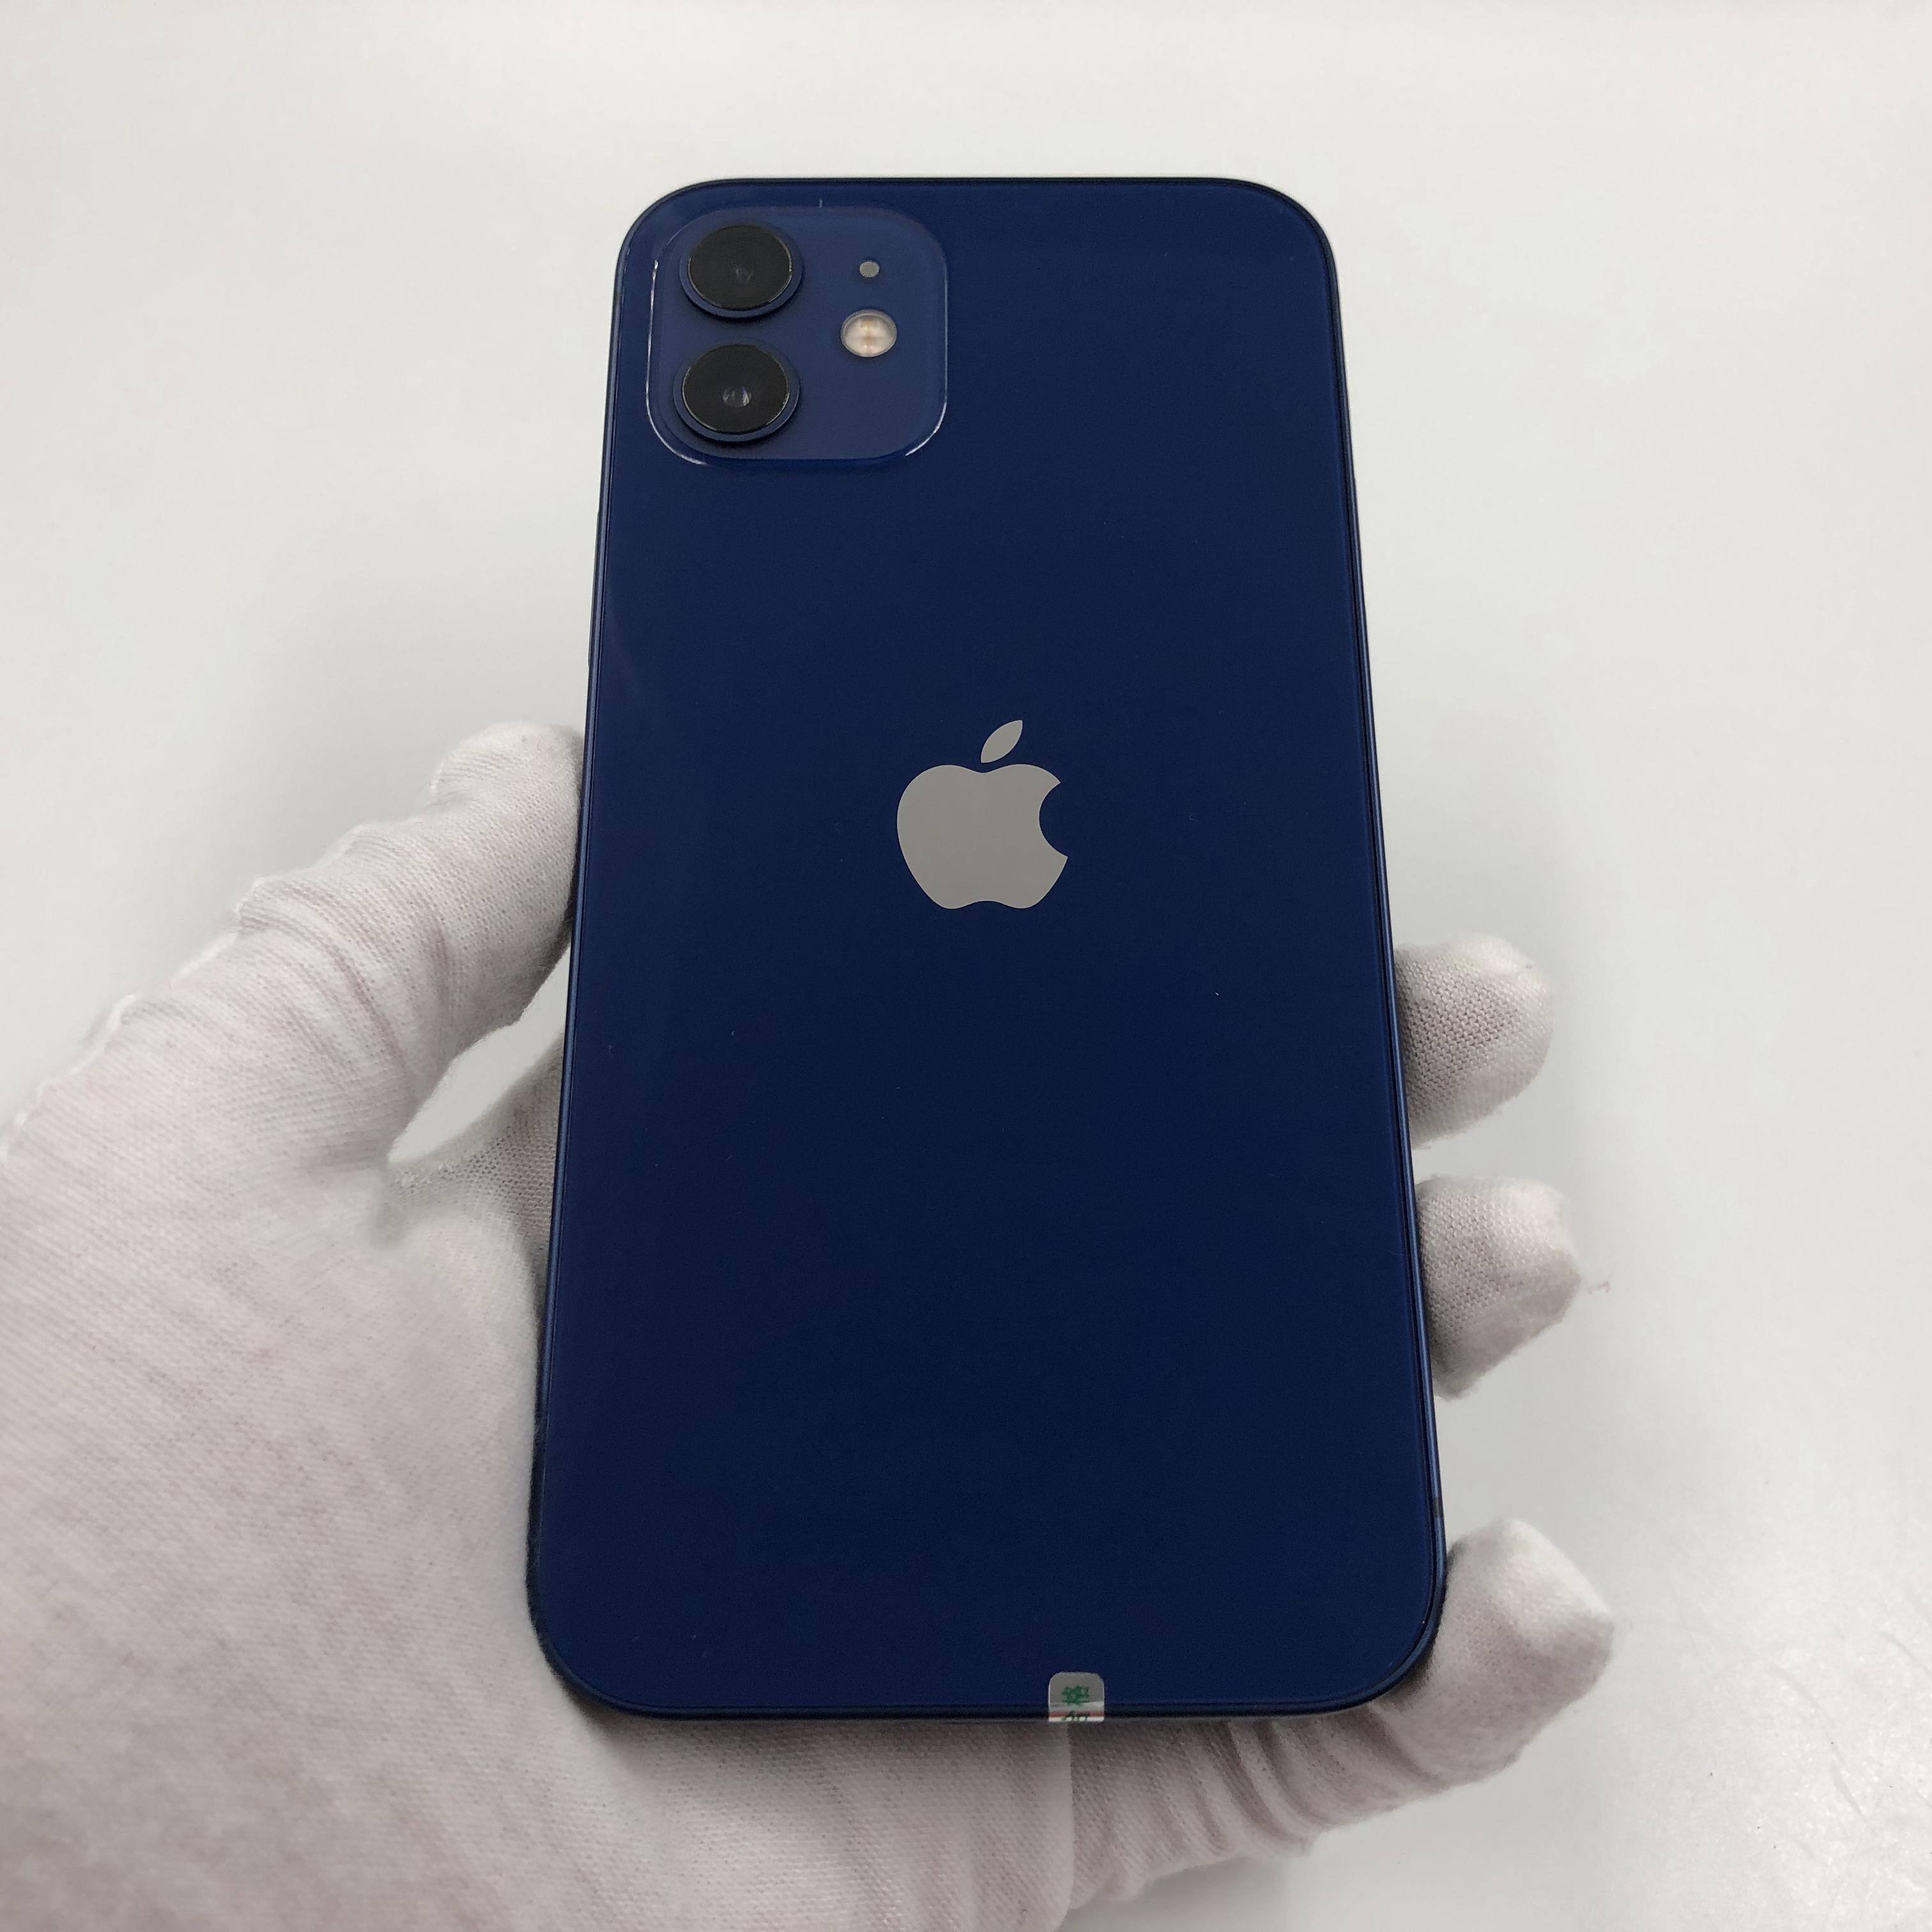 苹果【iPhone 12】5G全网通 蓝色 256G 国行 95新 真机实拍官保2021-11-10